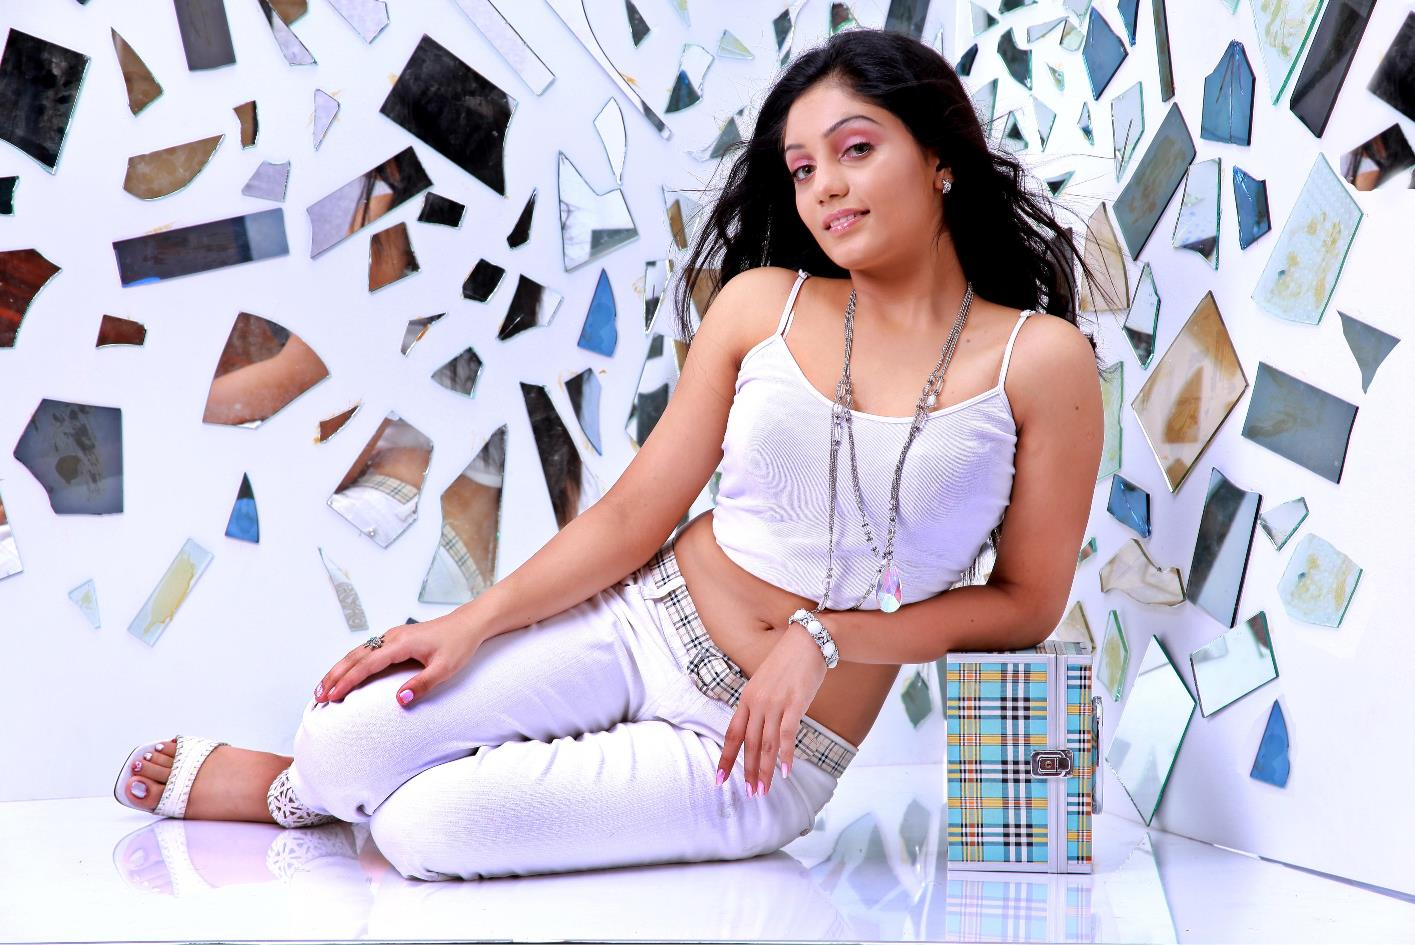 Arya Rohit Roped In For Honey Bee 2? - DesiMartini